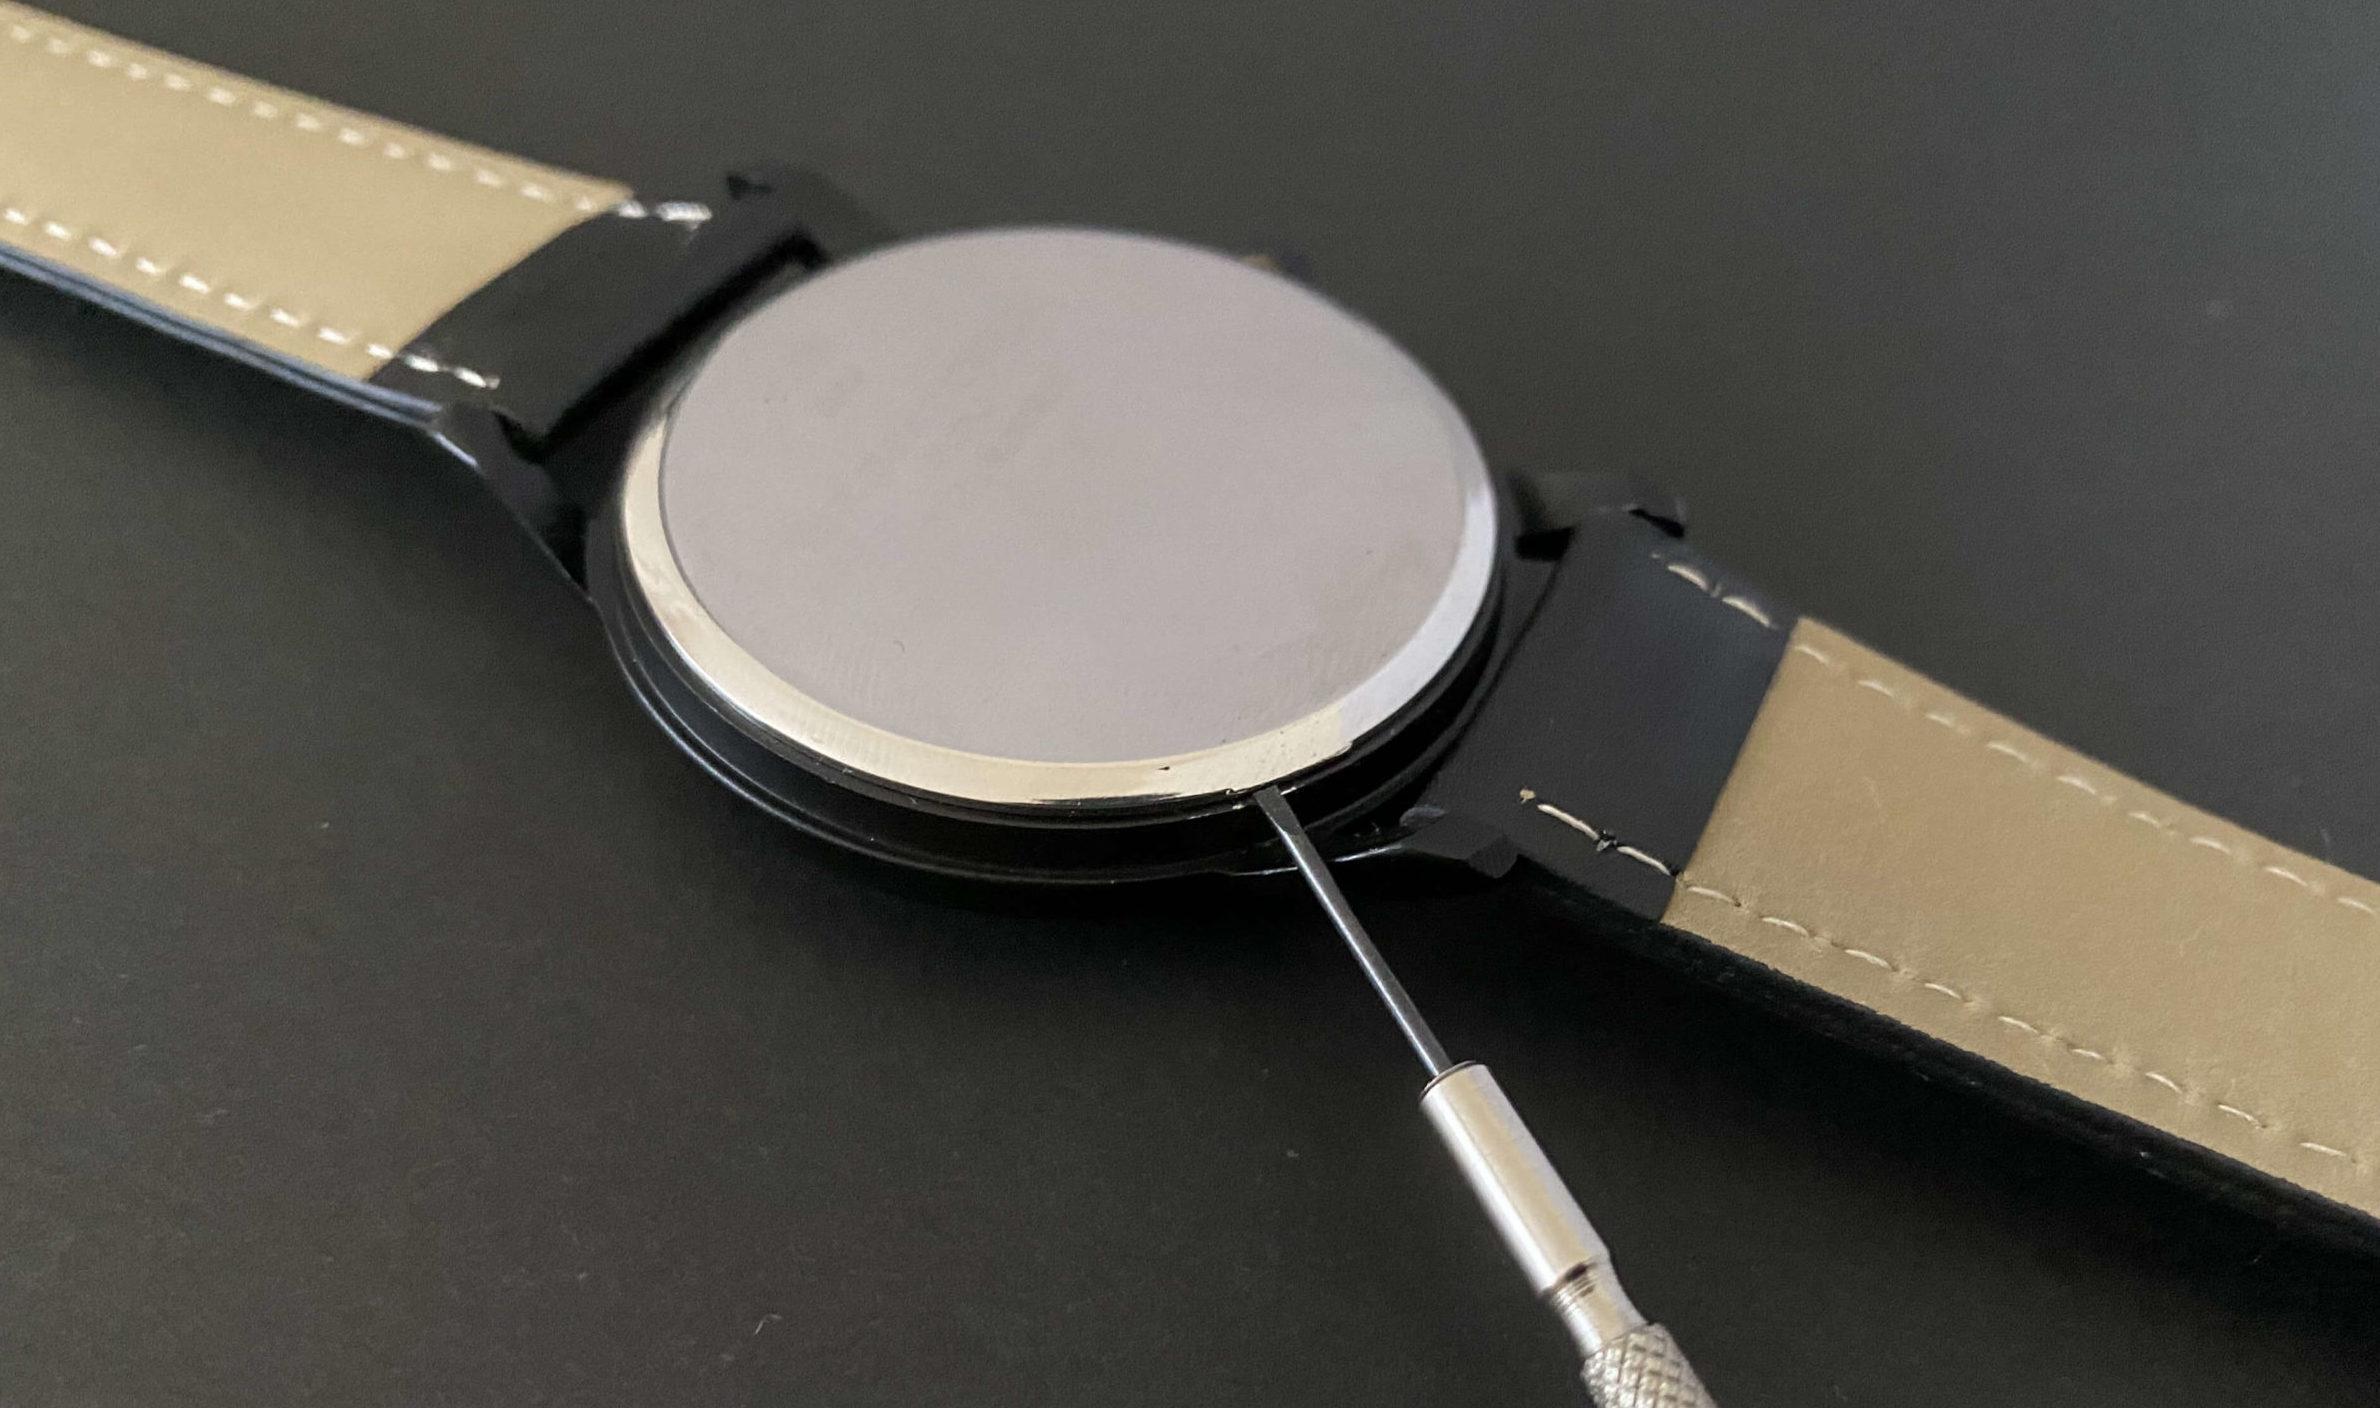 ダイソー腕時計のSR626SW電池交換では裏ぶた開けが難しい